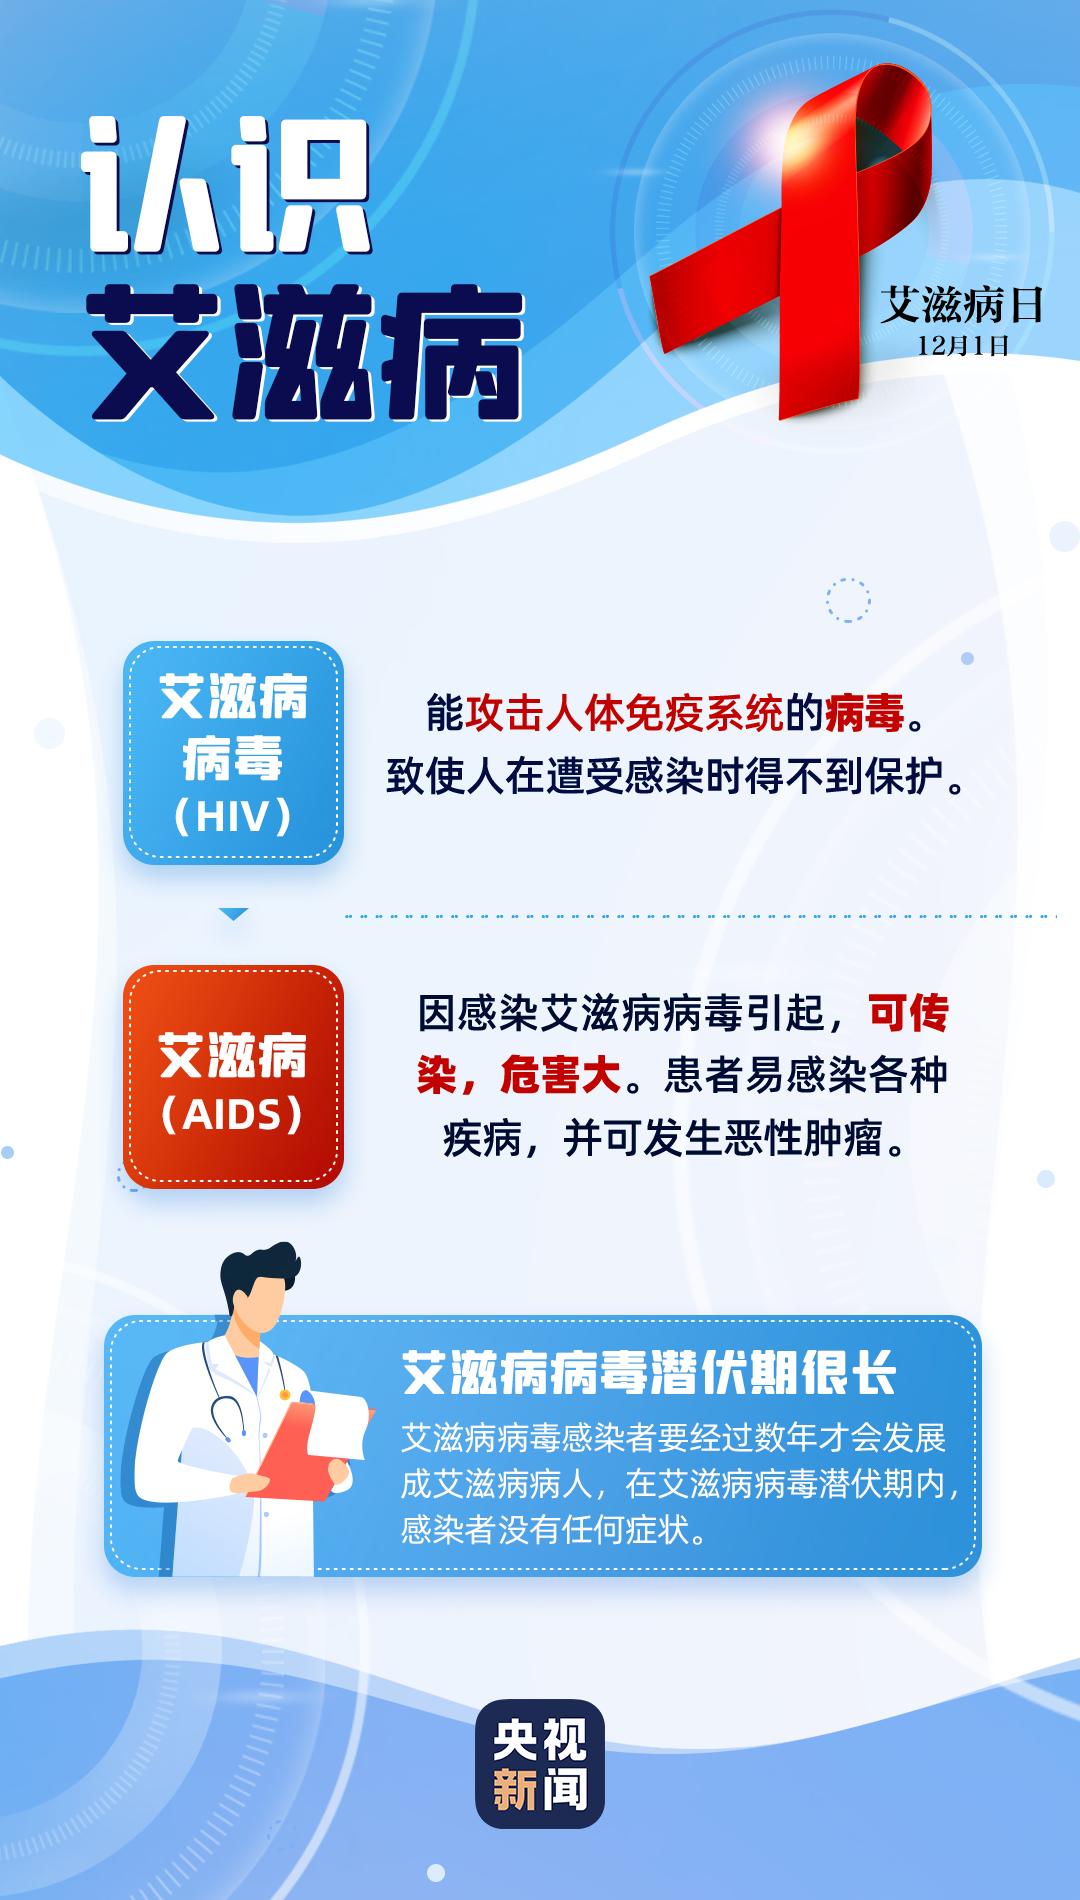 艾滋病自愿咨询检测门诊,已覆盖重庆所有区县图片